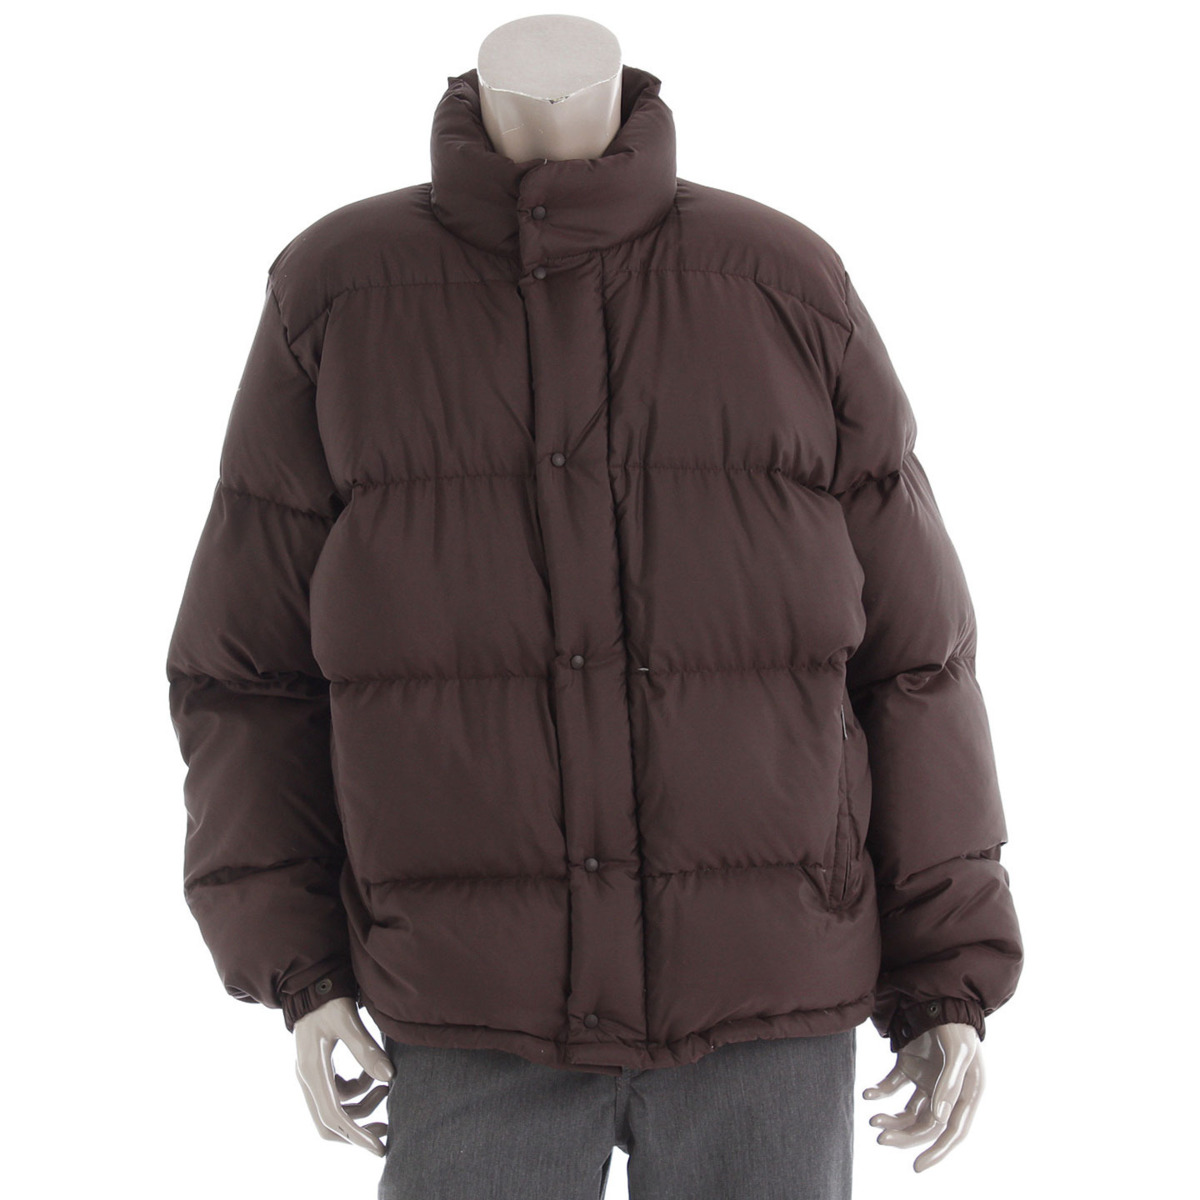 【モンクレール】Moncler メンズ ダウンジャケット ブラウン 青タグ 3 【中古】【鑑定済・正規品保証】【送料無料】32085